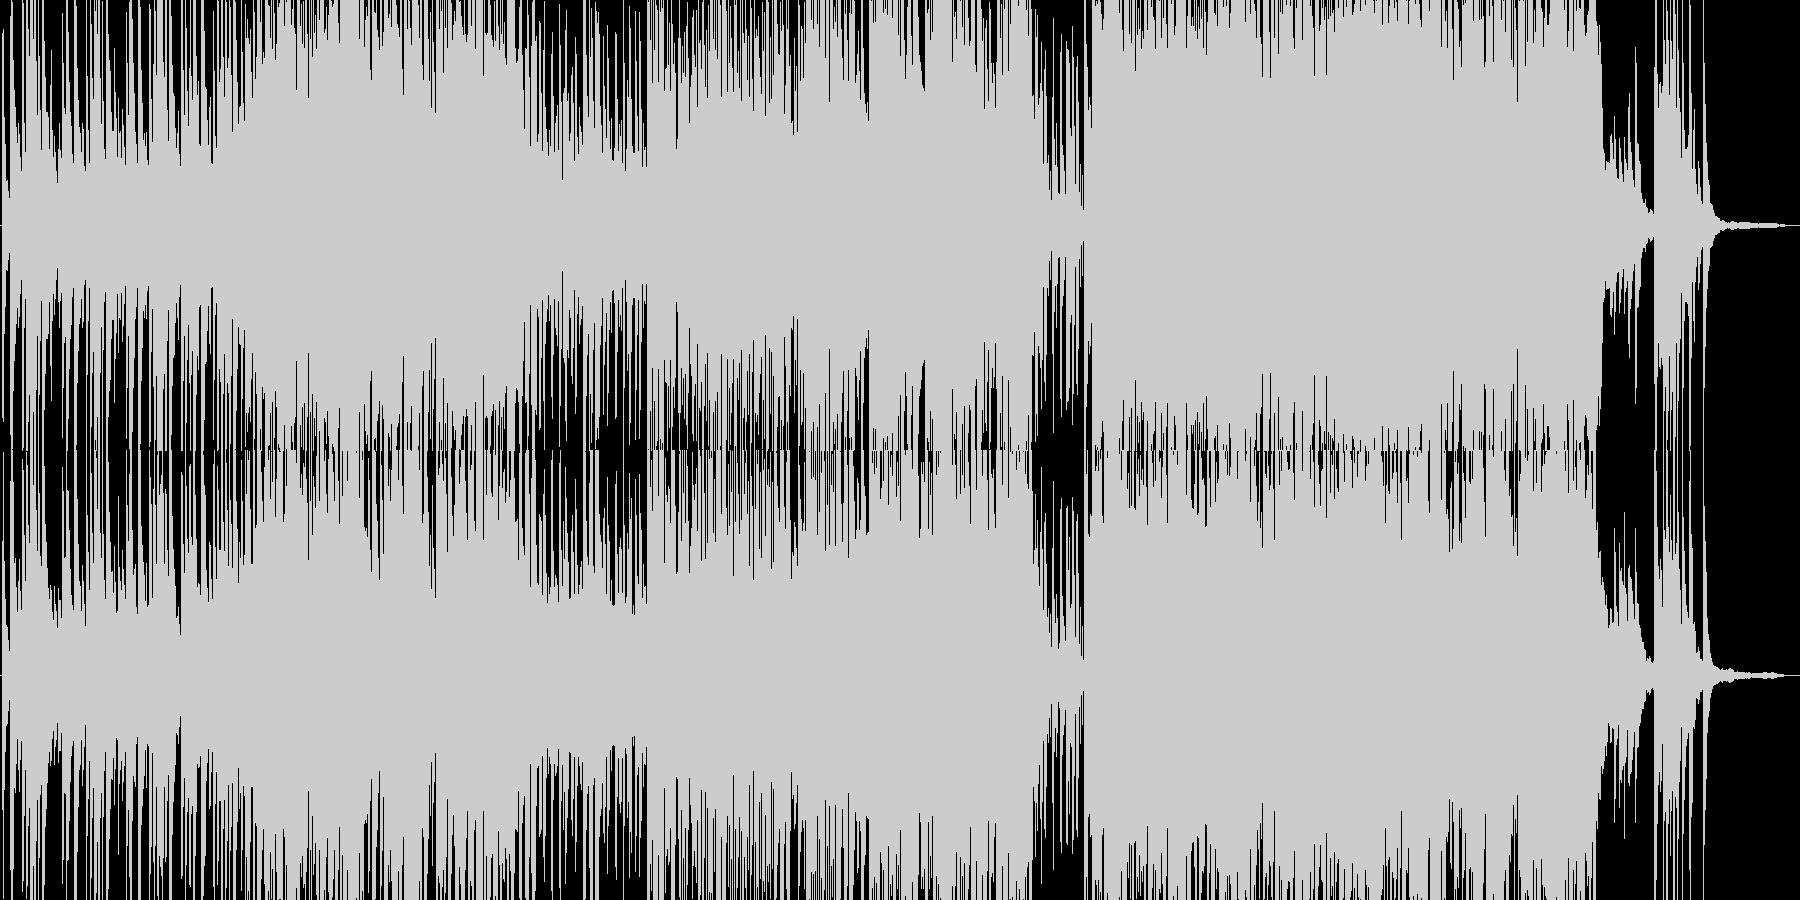 ちょっと変わった和風BGMの未再生の波形